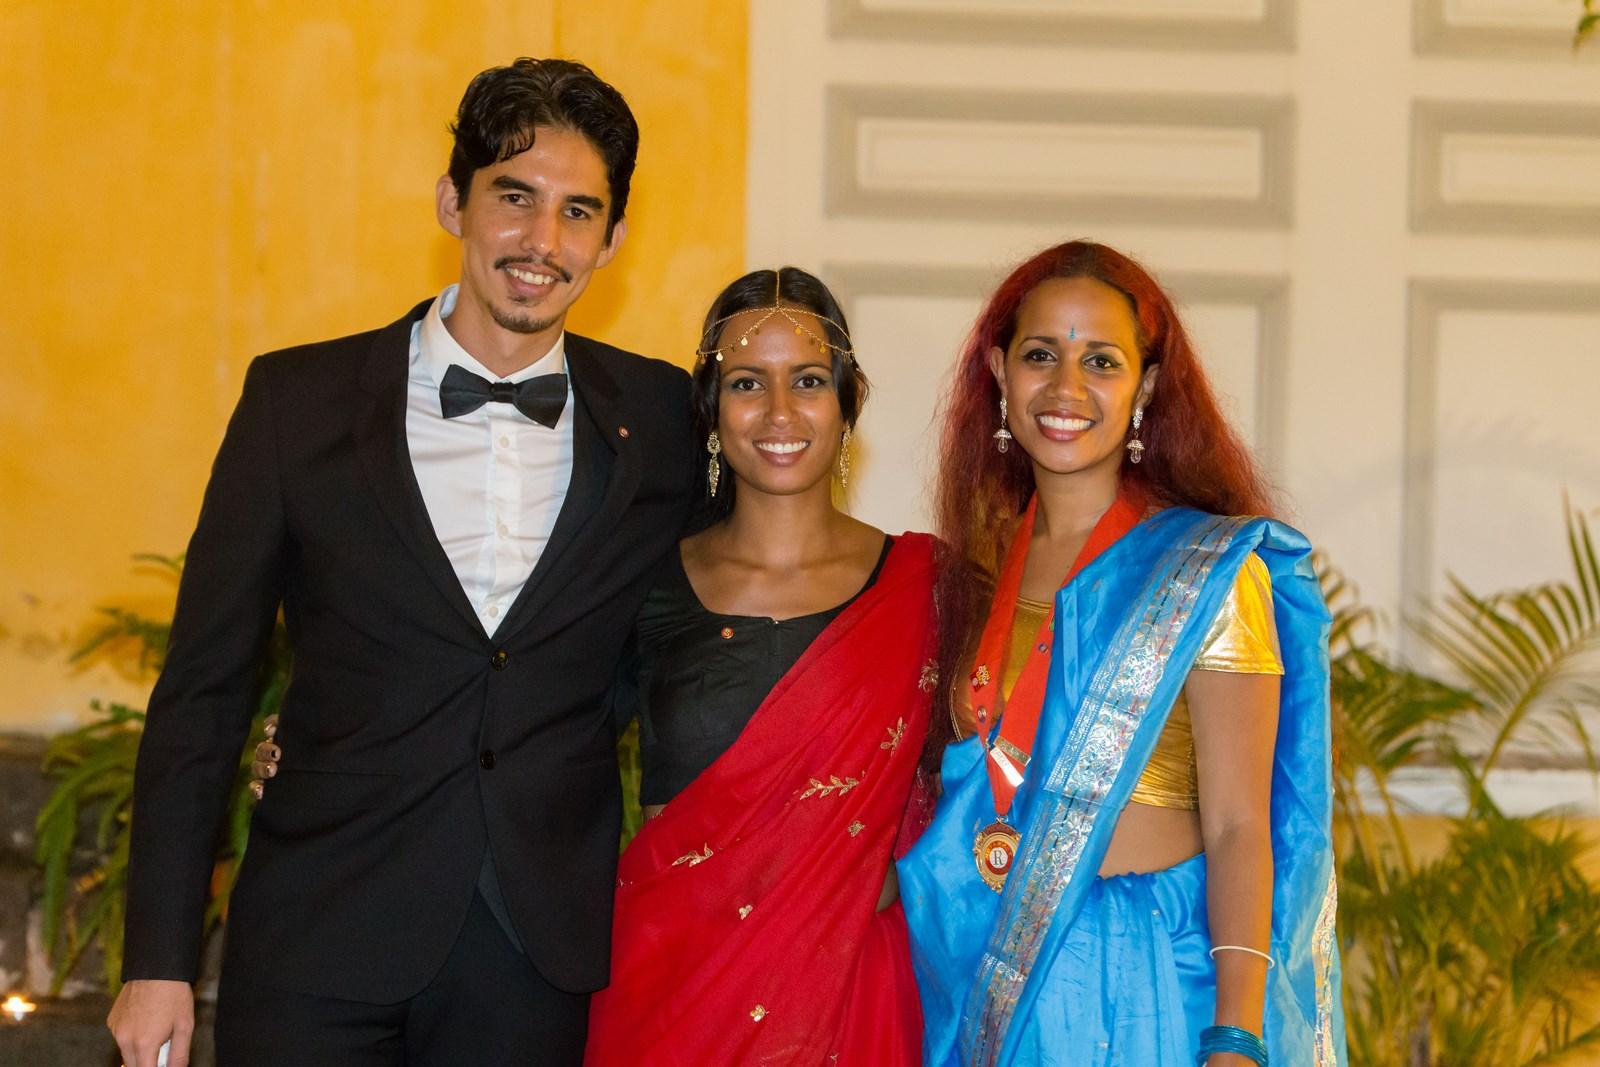 Jean-Max Boyer, chef de protocole du Rotaract Cœur du Nord, Elodie Sétapin, secrétaire du Rotaract Cœur du Nord, et Anne-Laure Sétapin